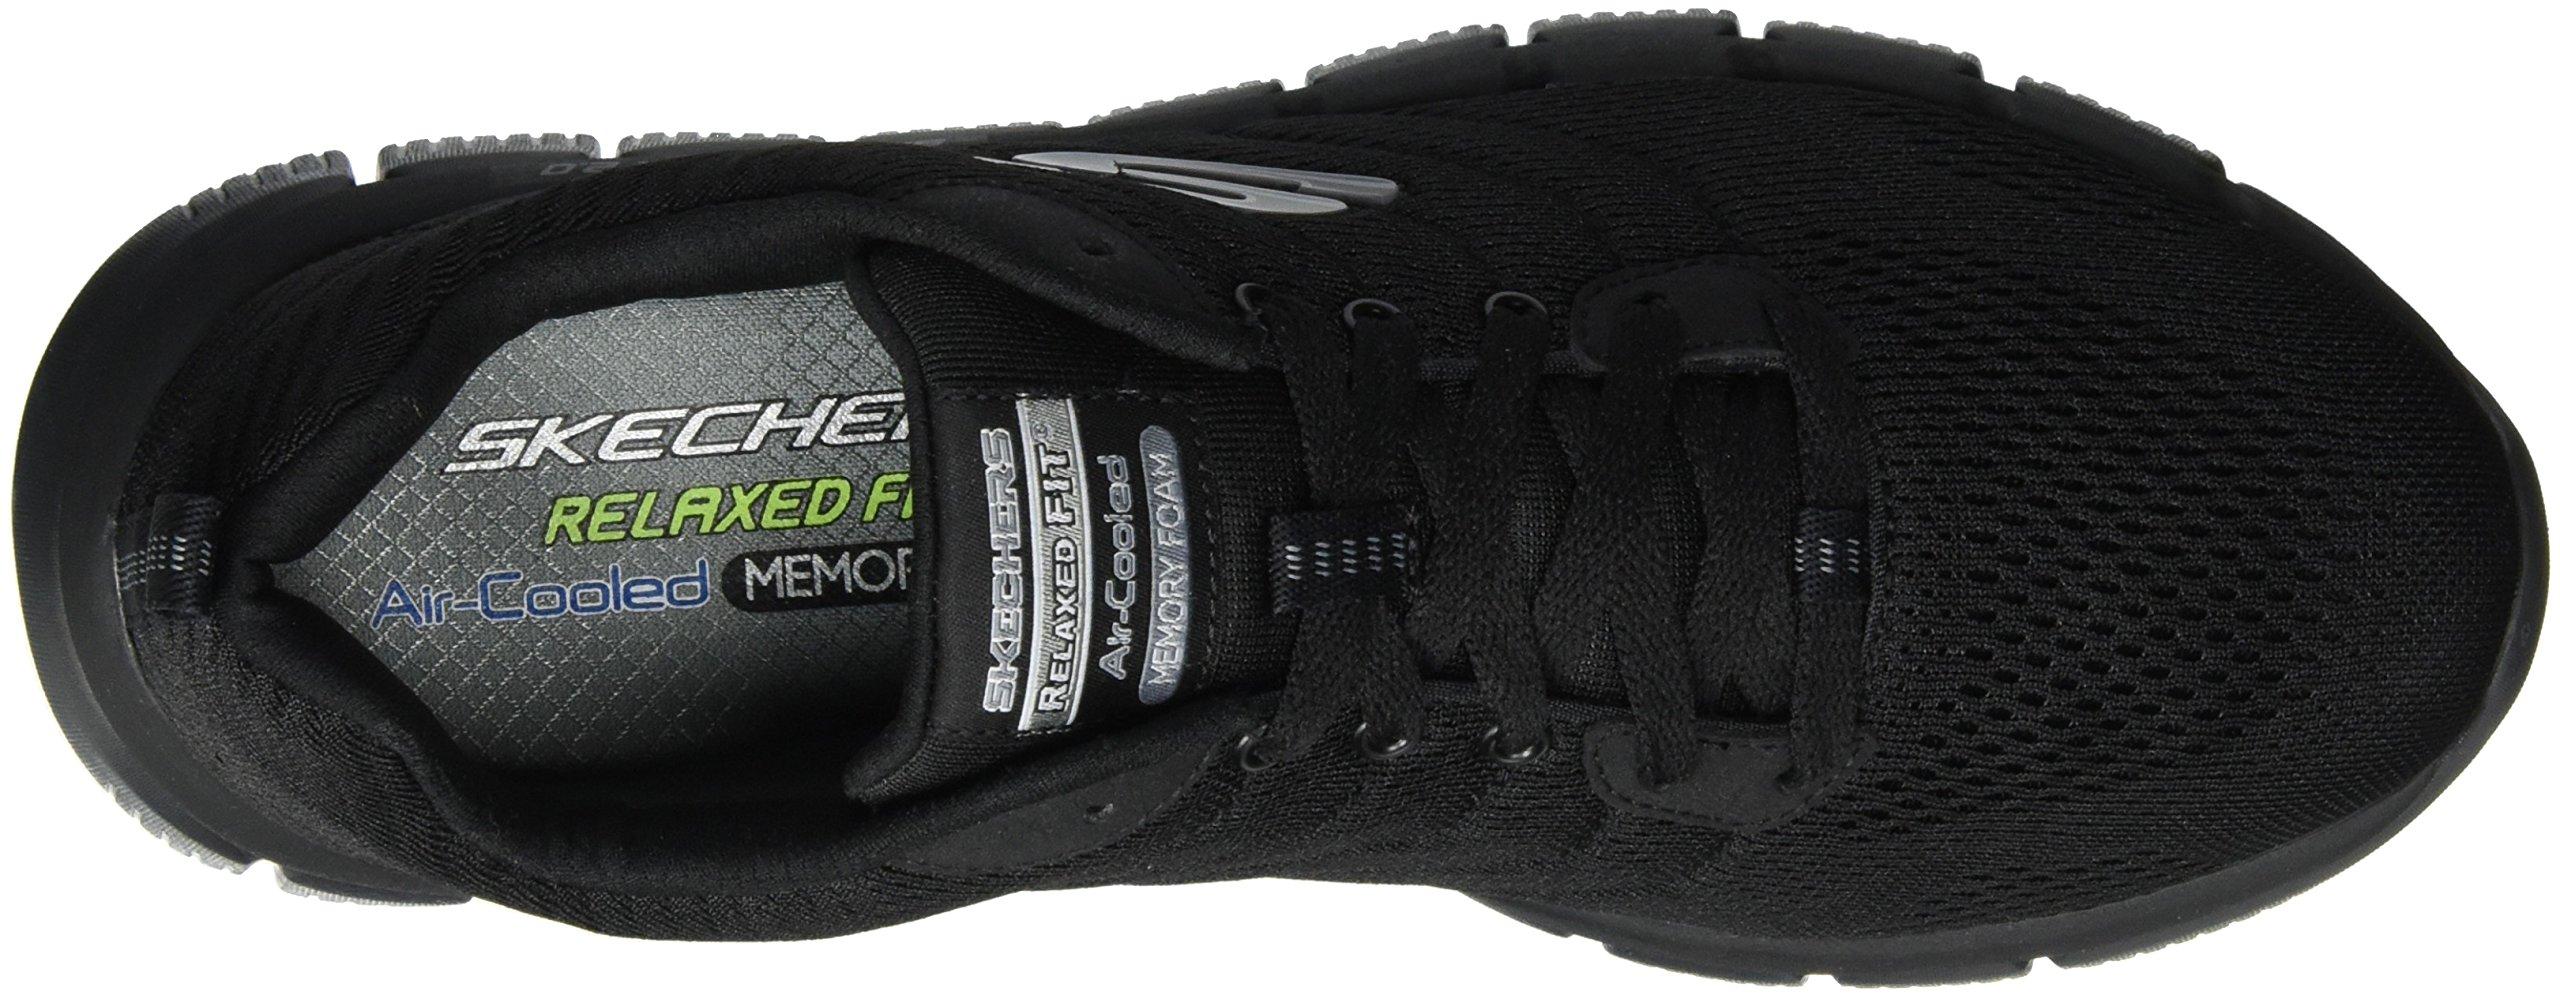 Skechers Sport Men's Skech Flex 2.0 Milwee Fashion Sneaker,Black,9 M US by Skechers (Image #7)